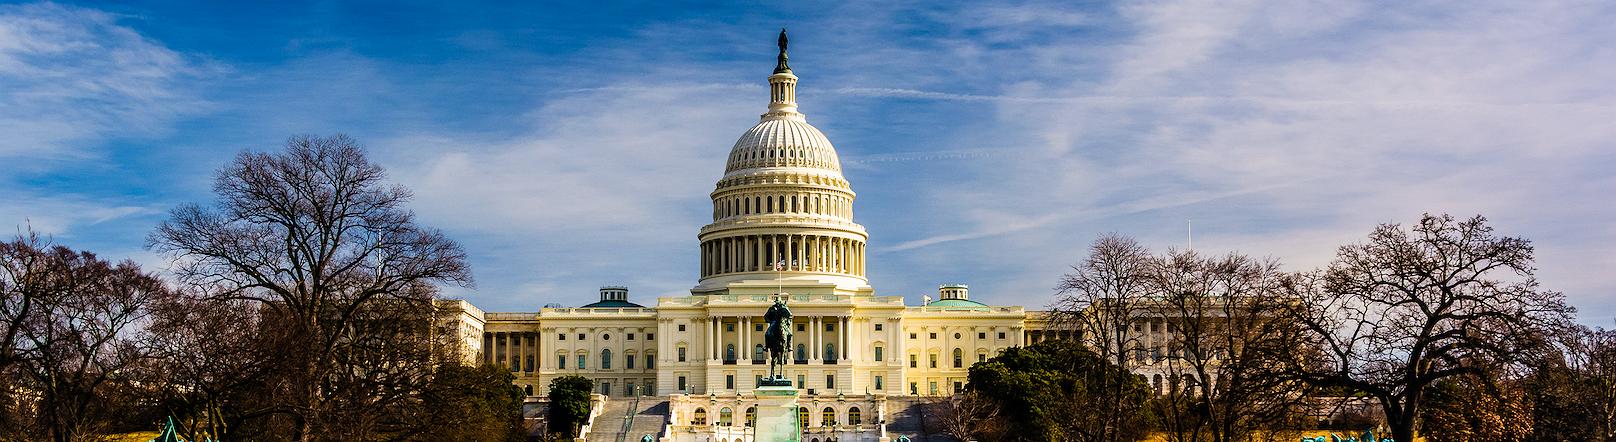 Il Congresso degli Stati Uniti revoca il divieto di vendita di armi alle persone con disordini mentali